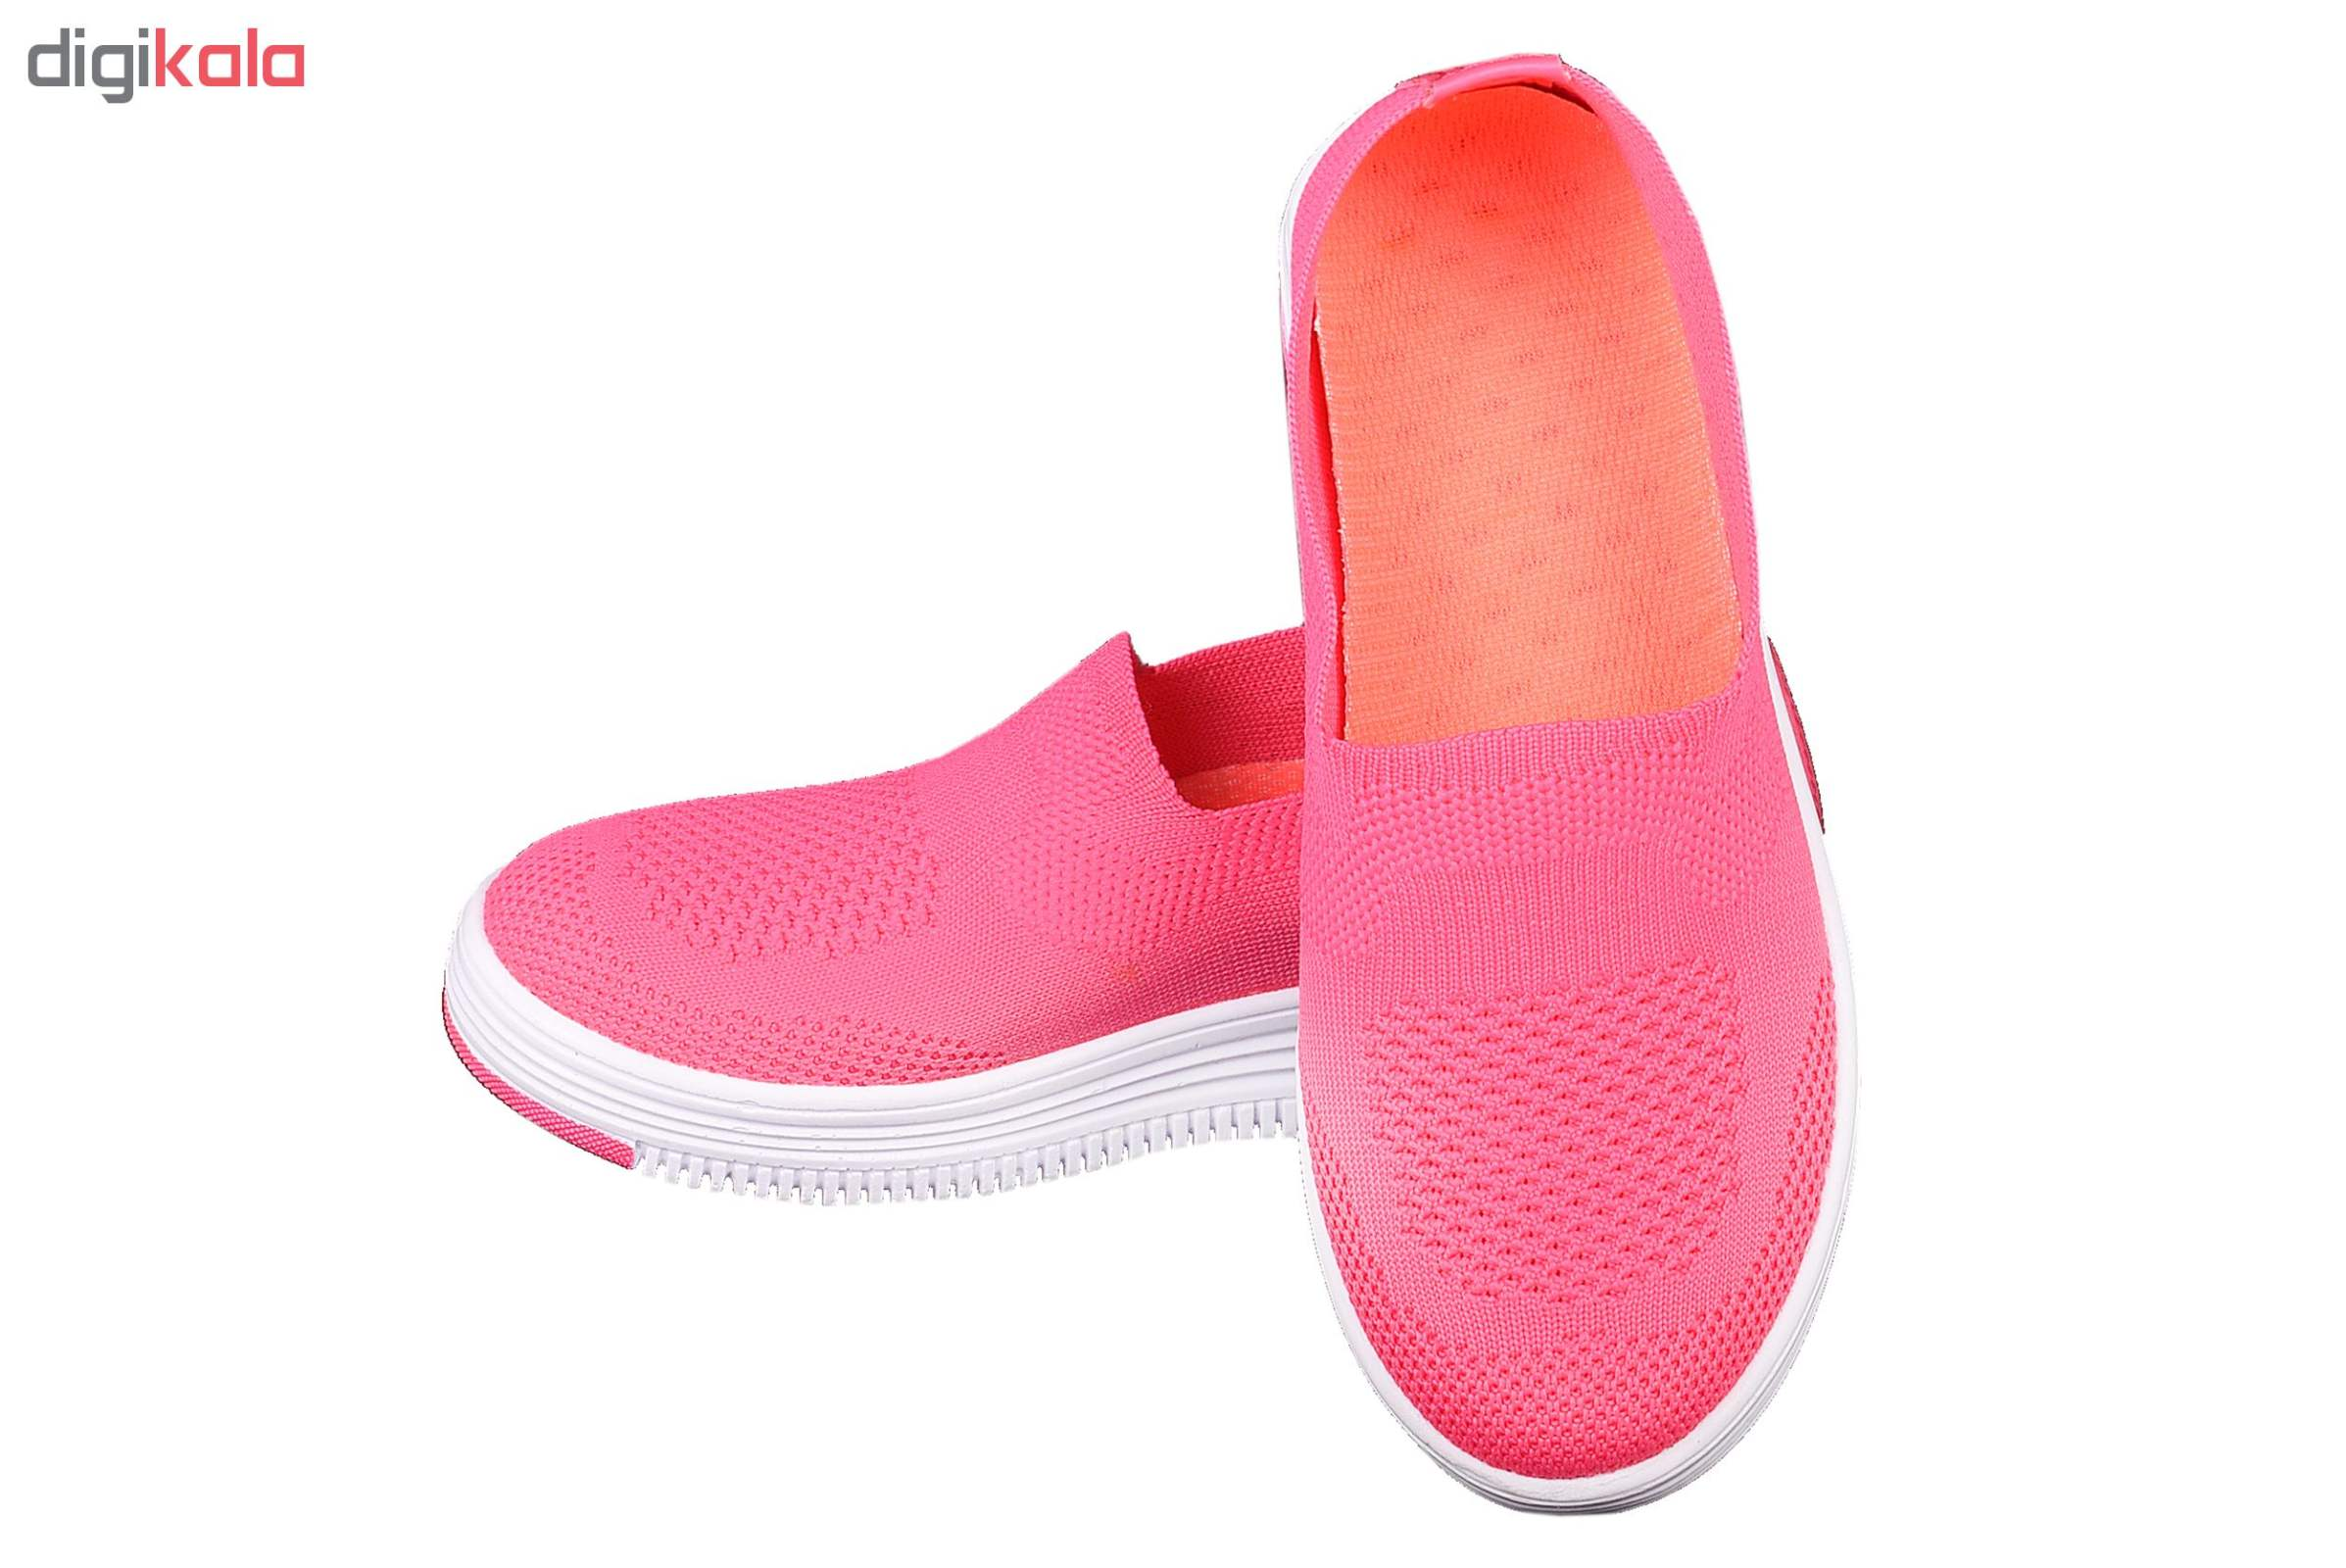 کفش راحتی دخترانه کد 3500-3 main 1 2